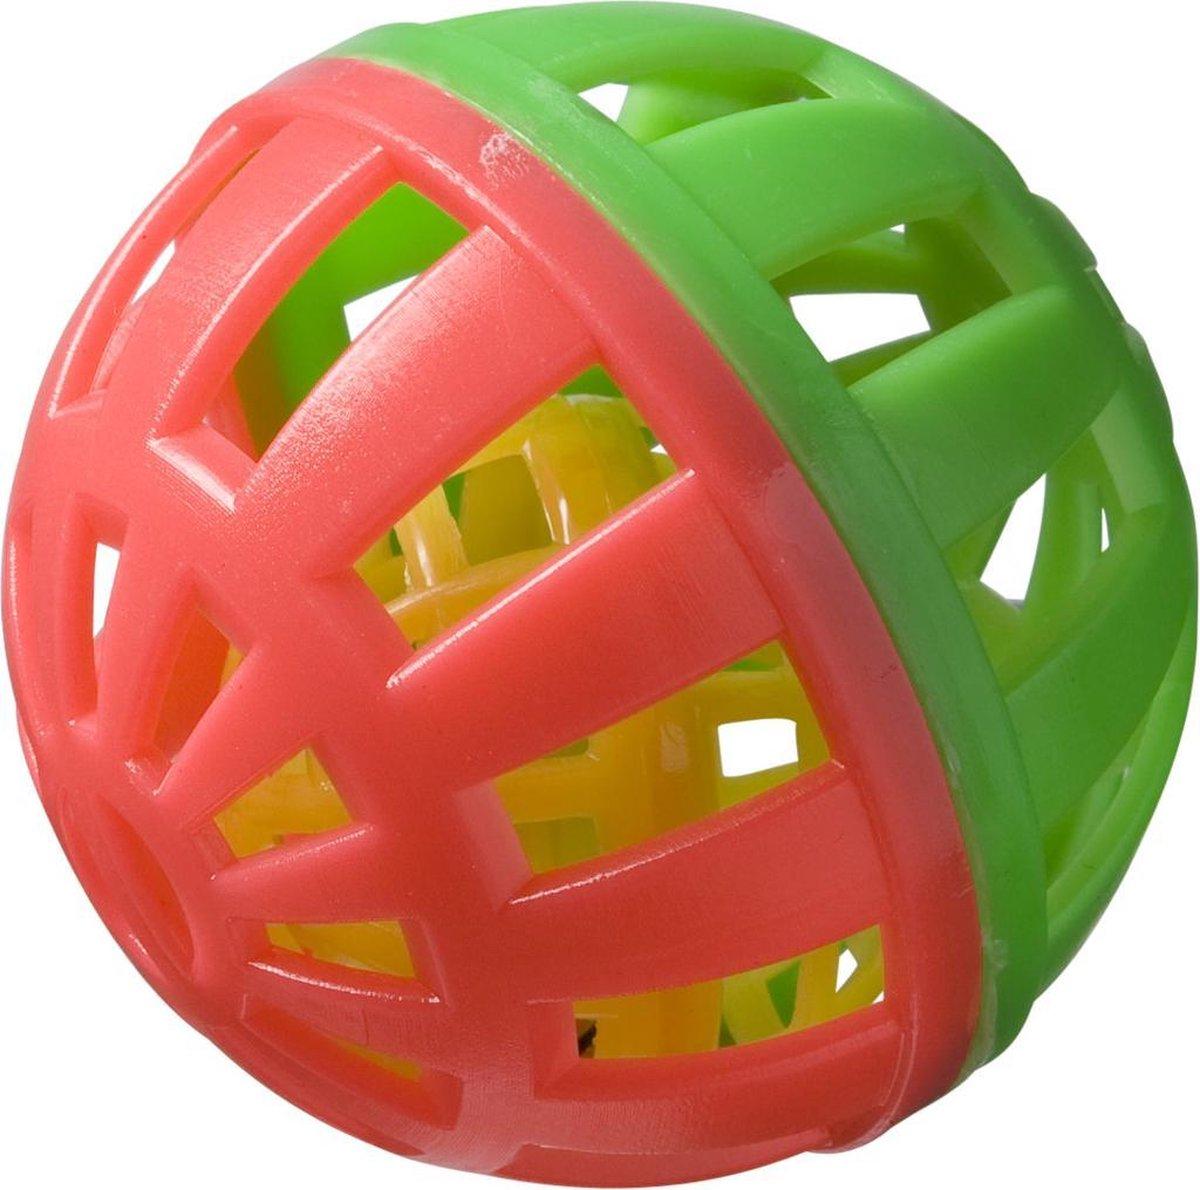 Adori Knaagspeeltje Speelbal Plastic Multi-Color \xd86 cm - Adori